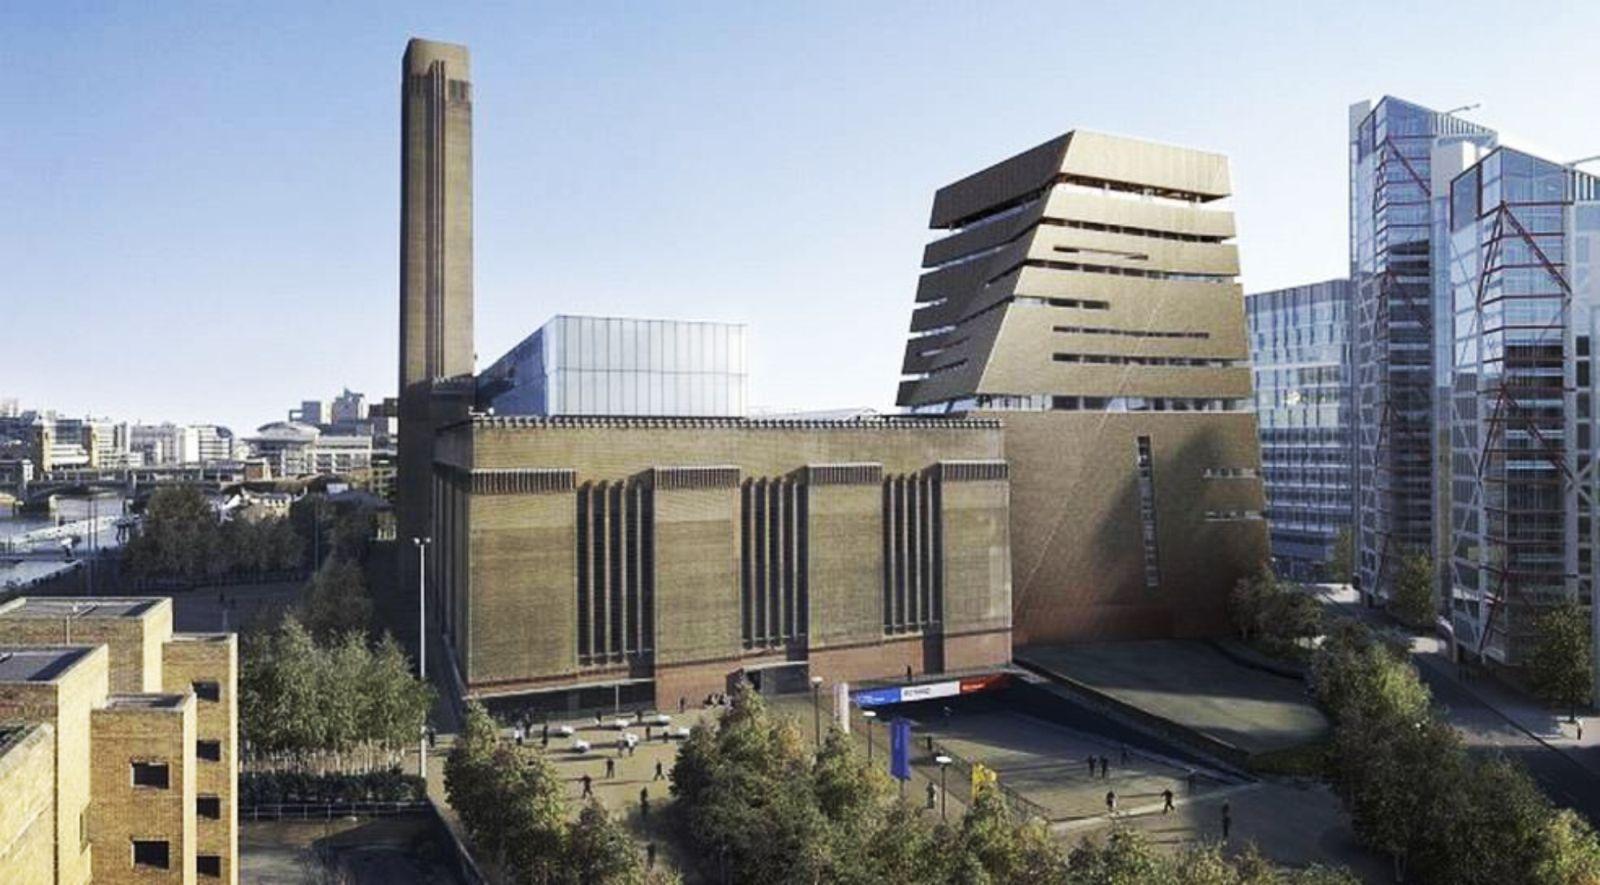 Tate-Modern-Extension-by-Herzog-de-Meuron-00.jpg